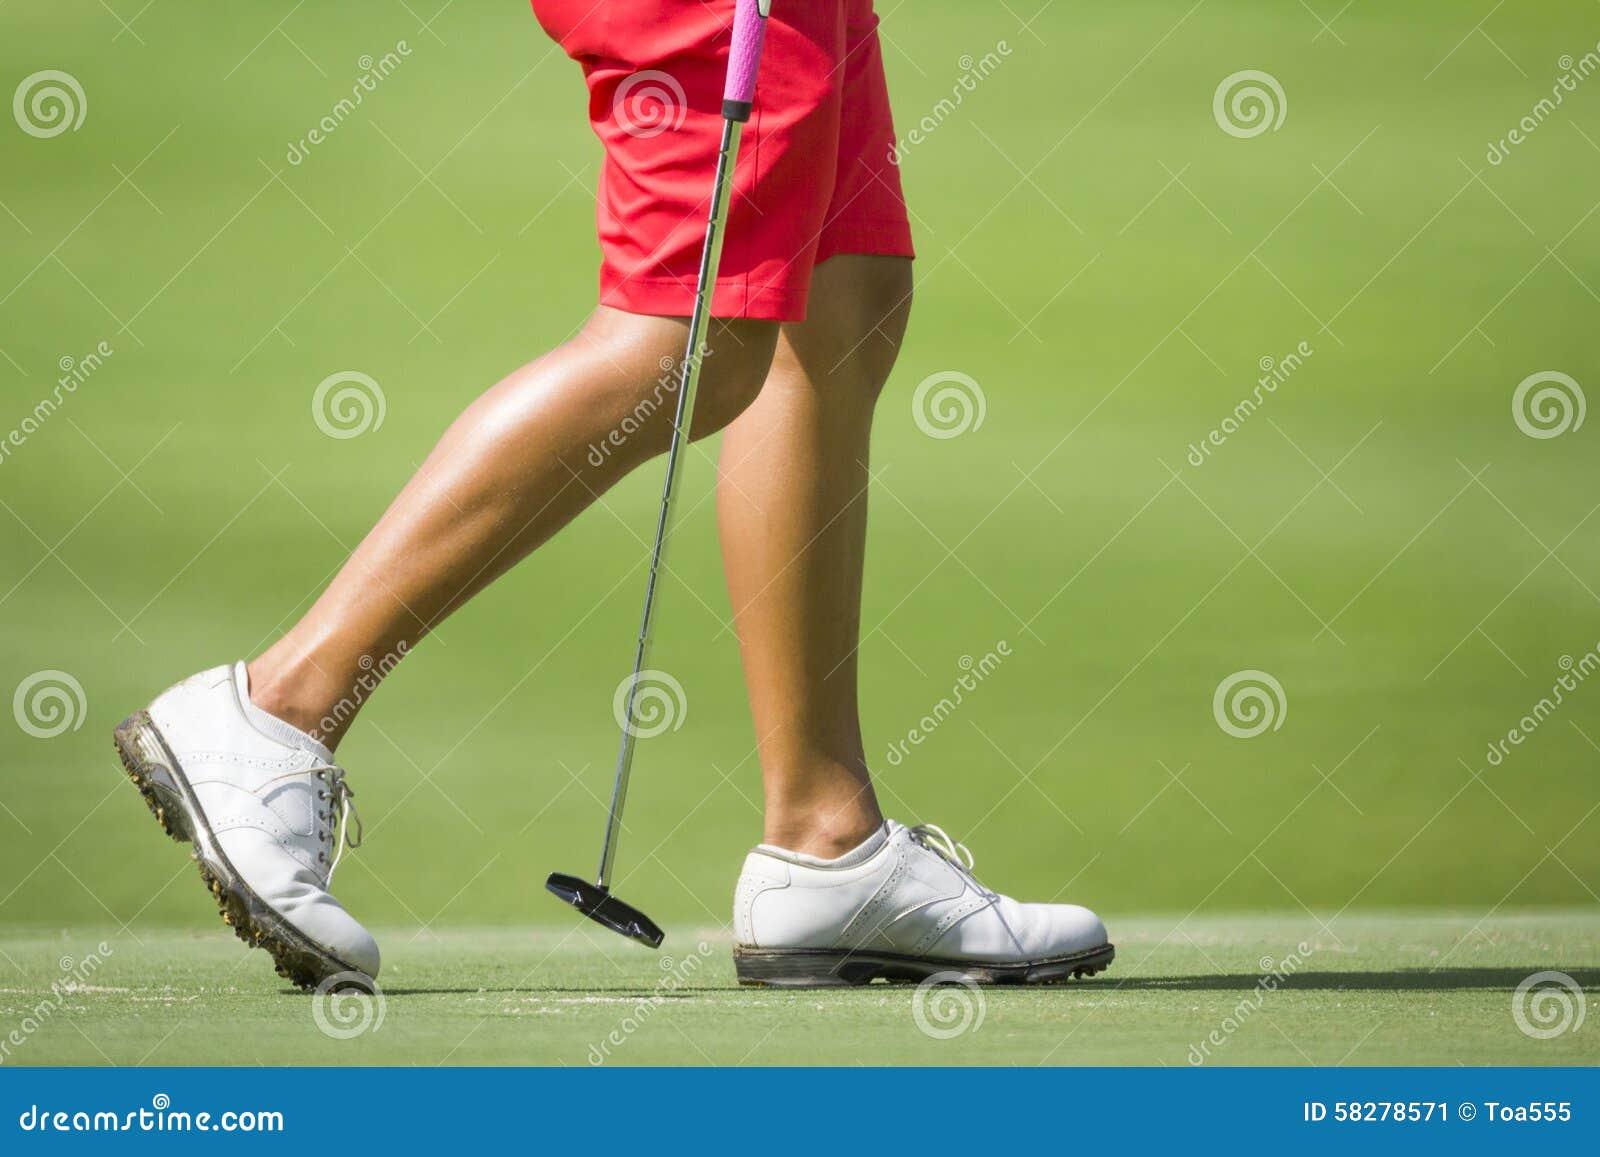 Female golfers walking on green.